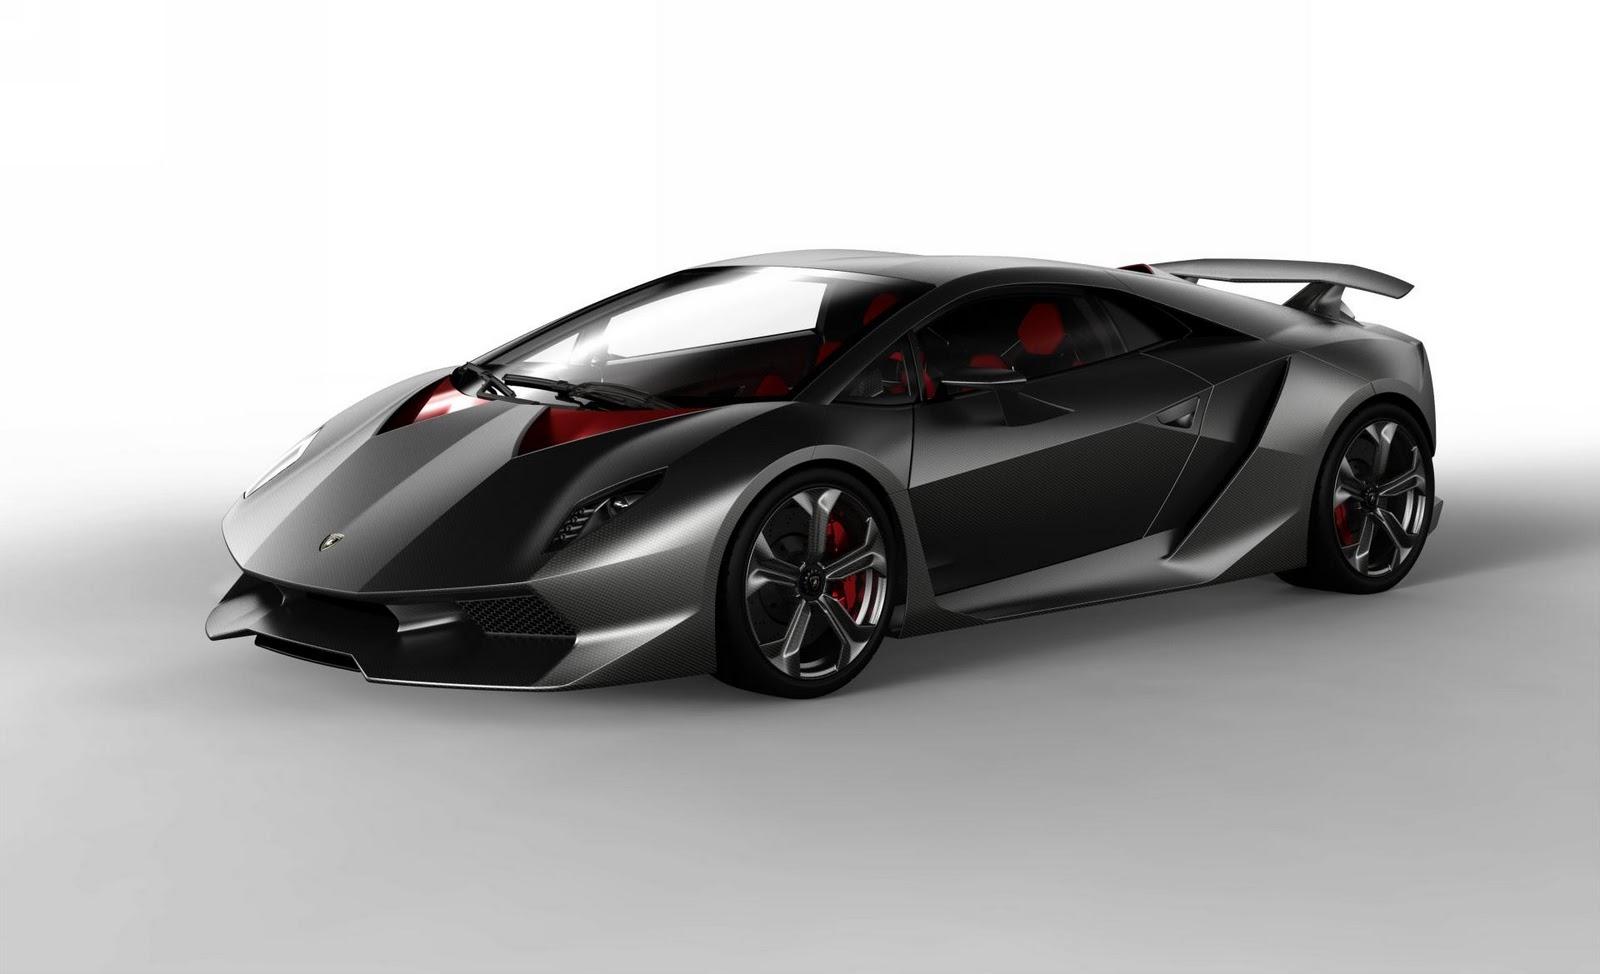 Lamborghini claims a 0–100